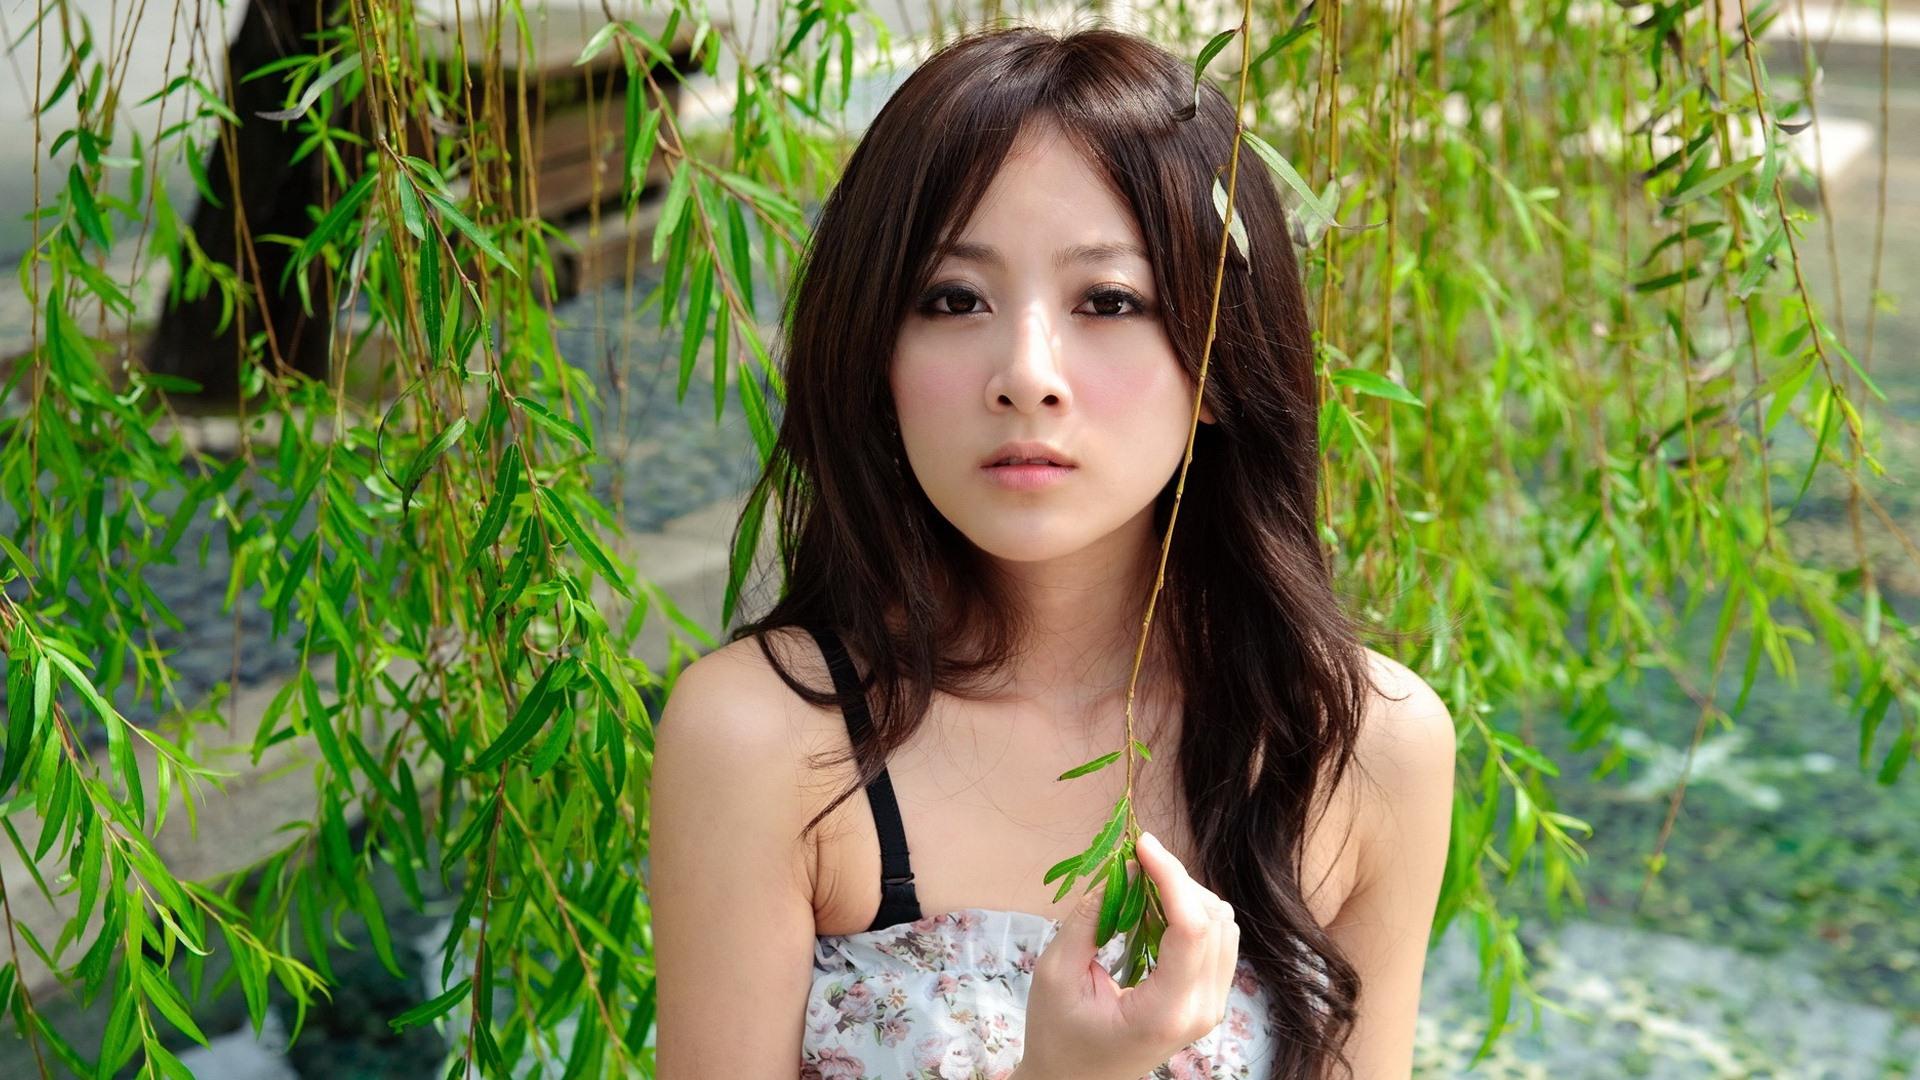 Фото hd японки 94287 фотография